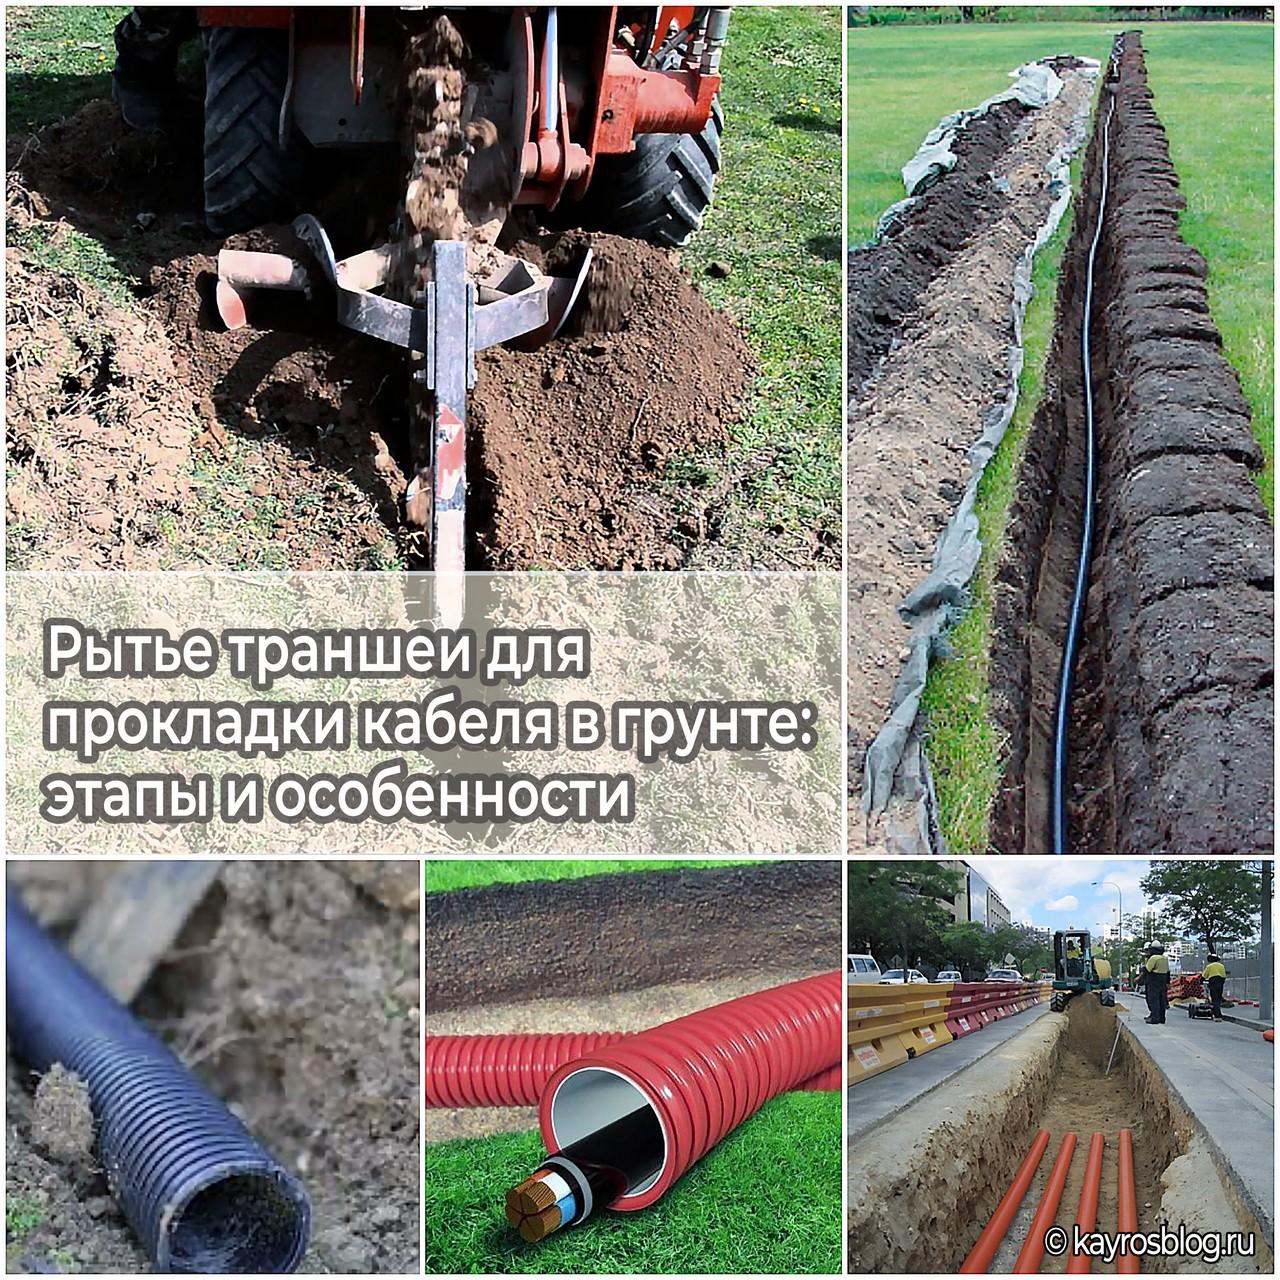 Рытье траншеи для прокладки кабеля в грунте: этапы и особенности